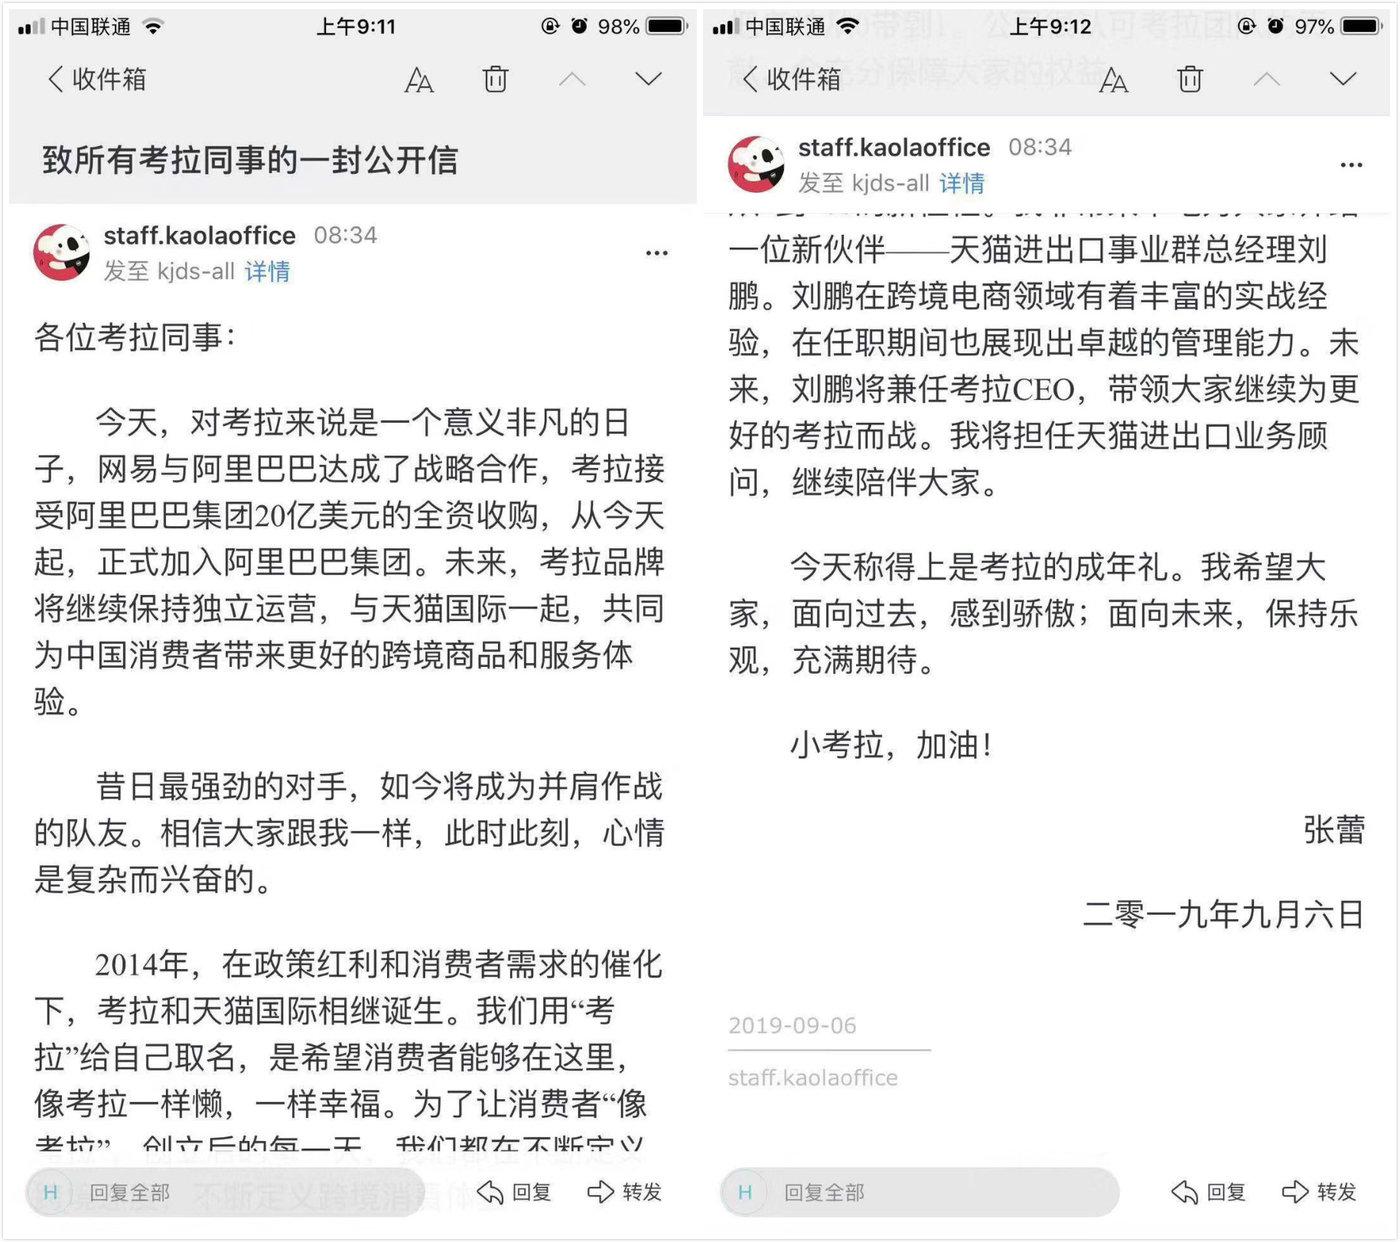 网易考拉CEO张蕾的内部信